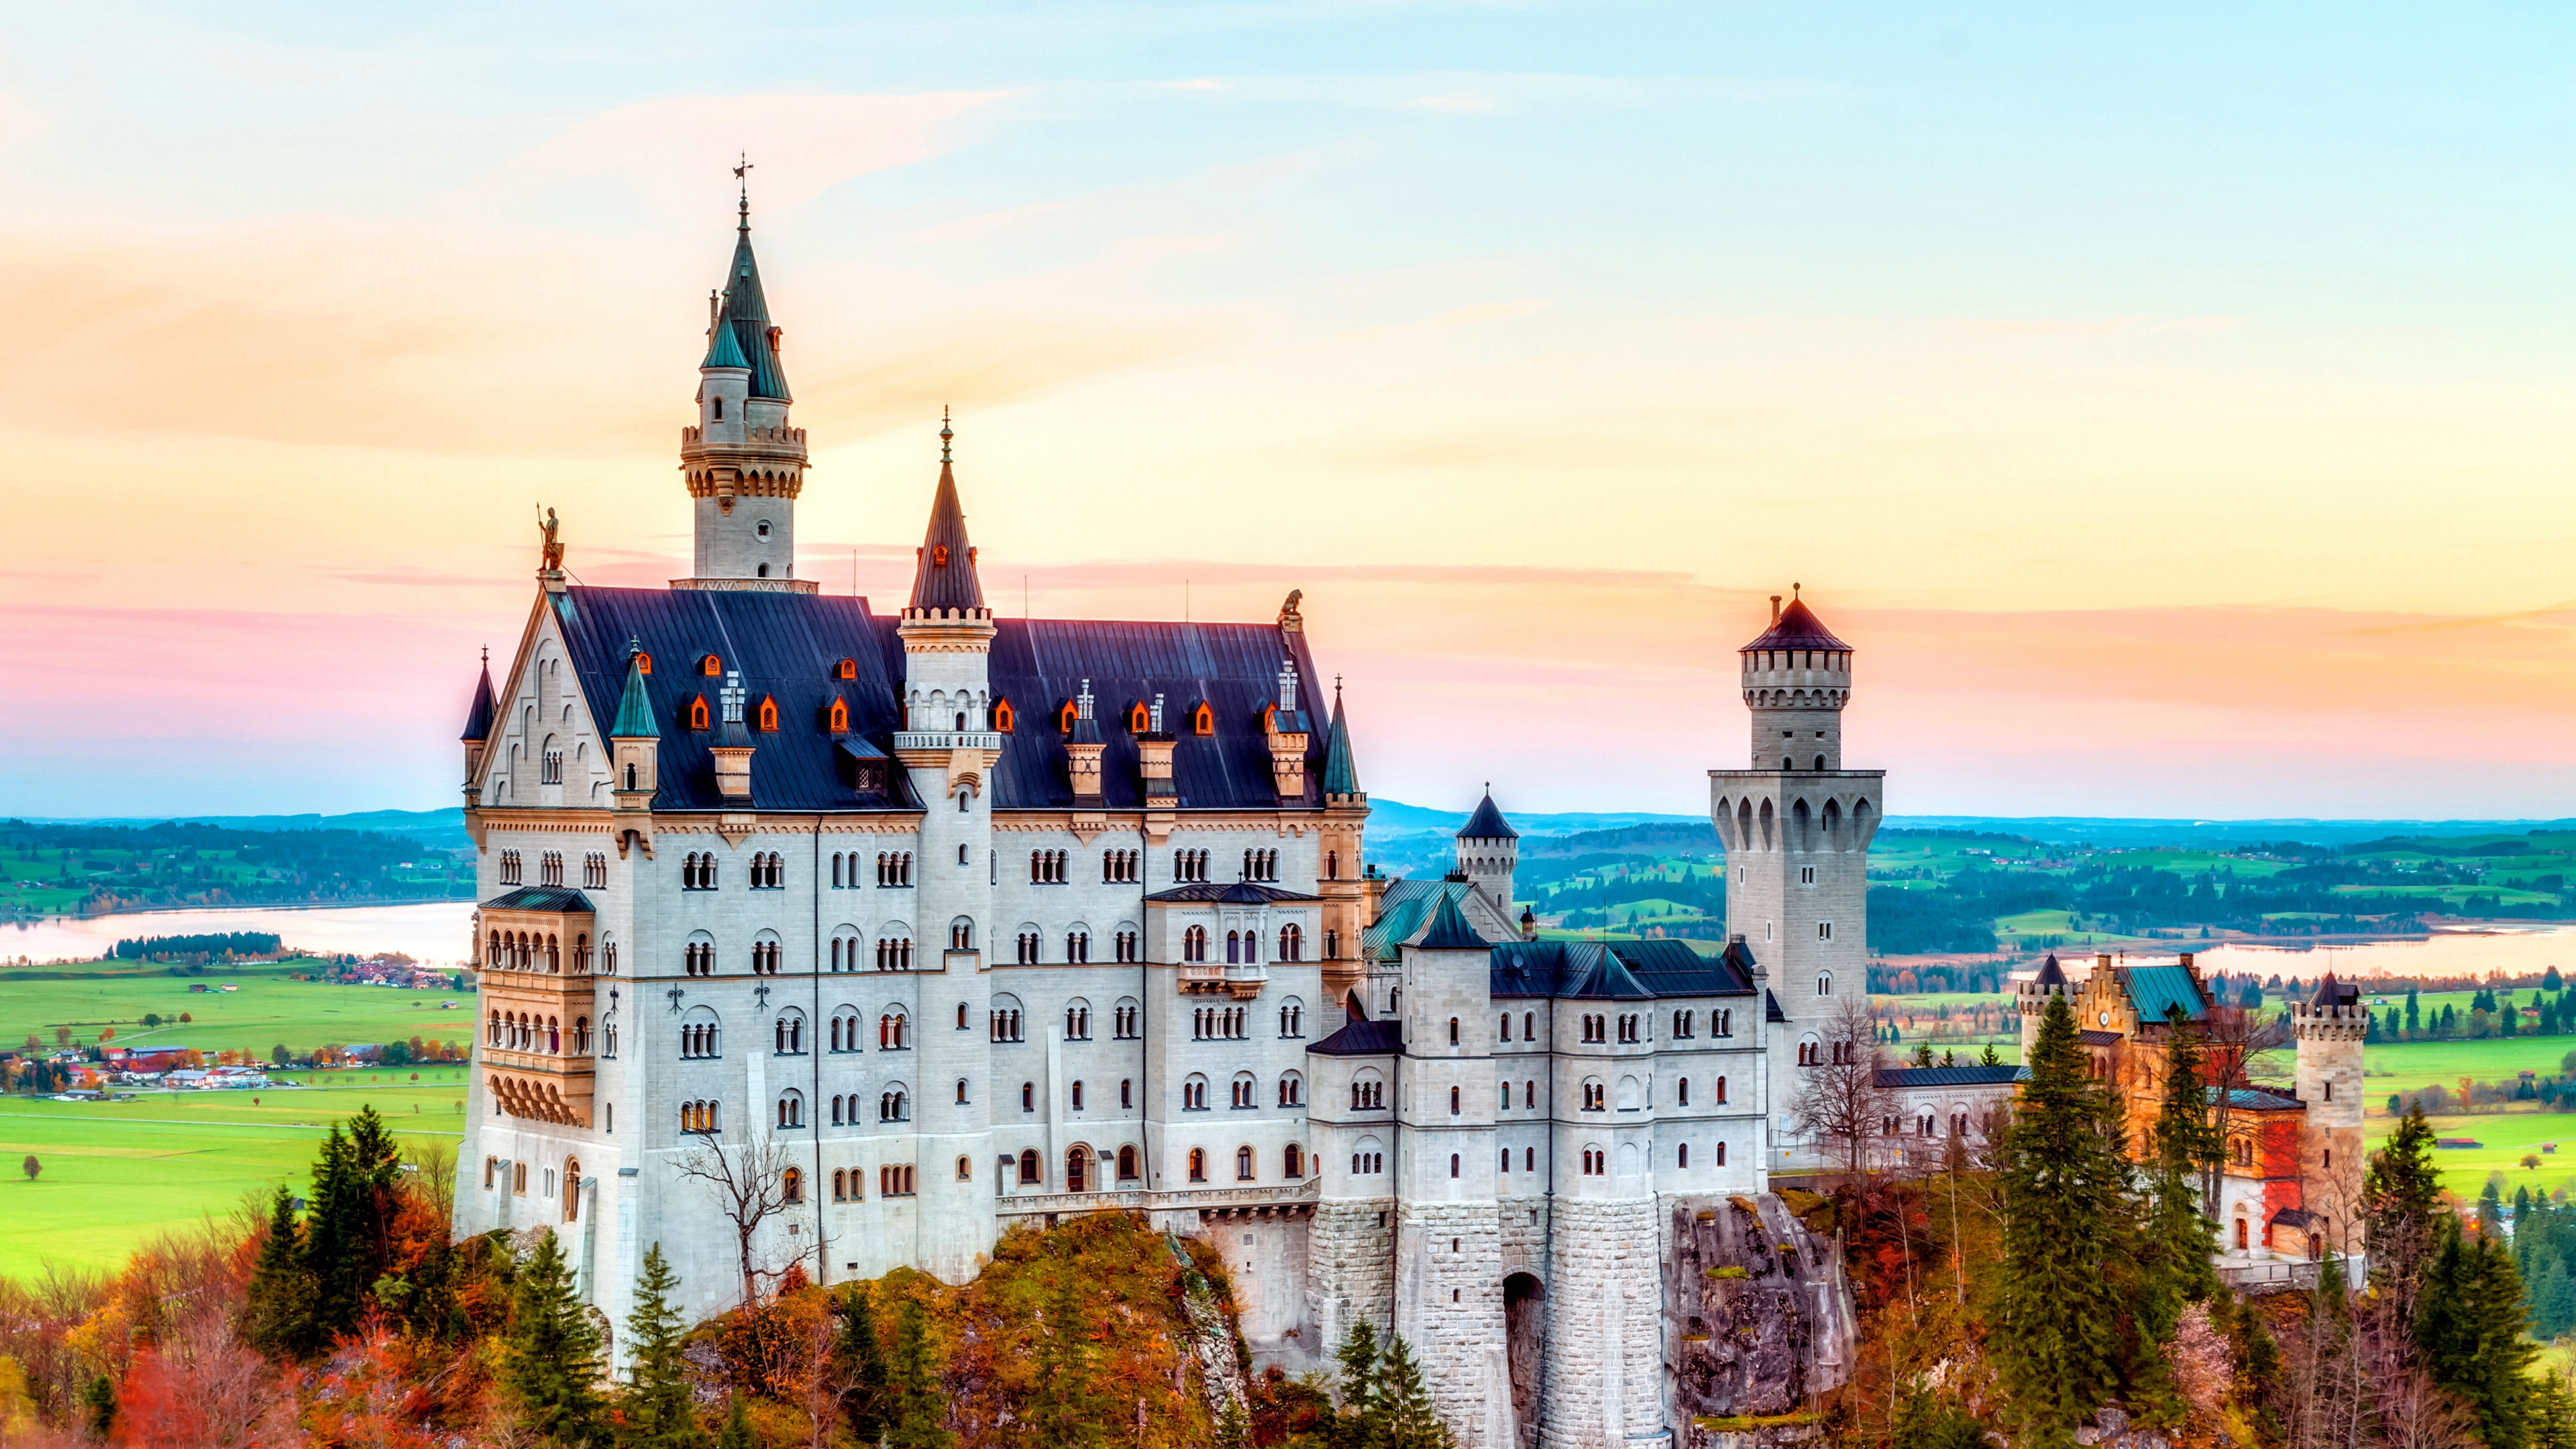 Лебединый замок в Баварии